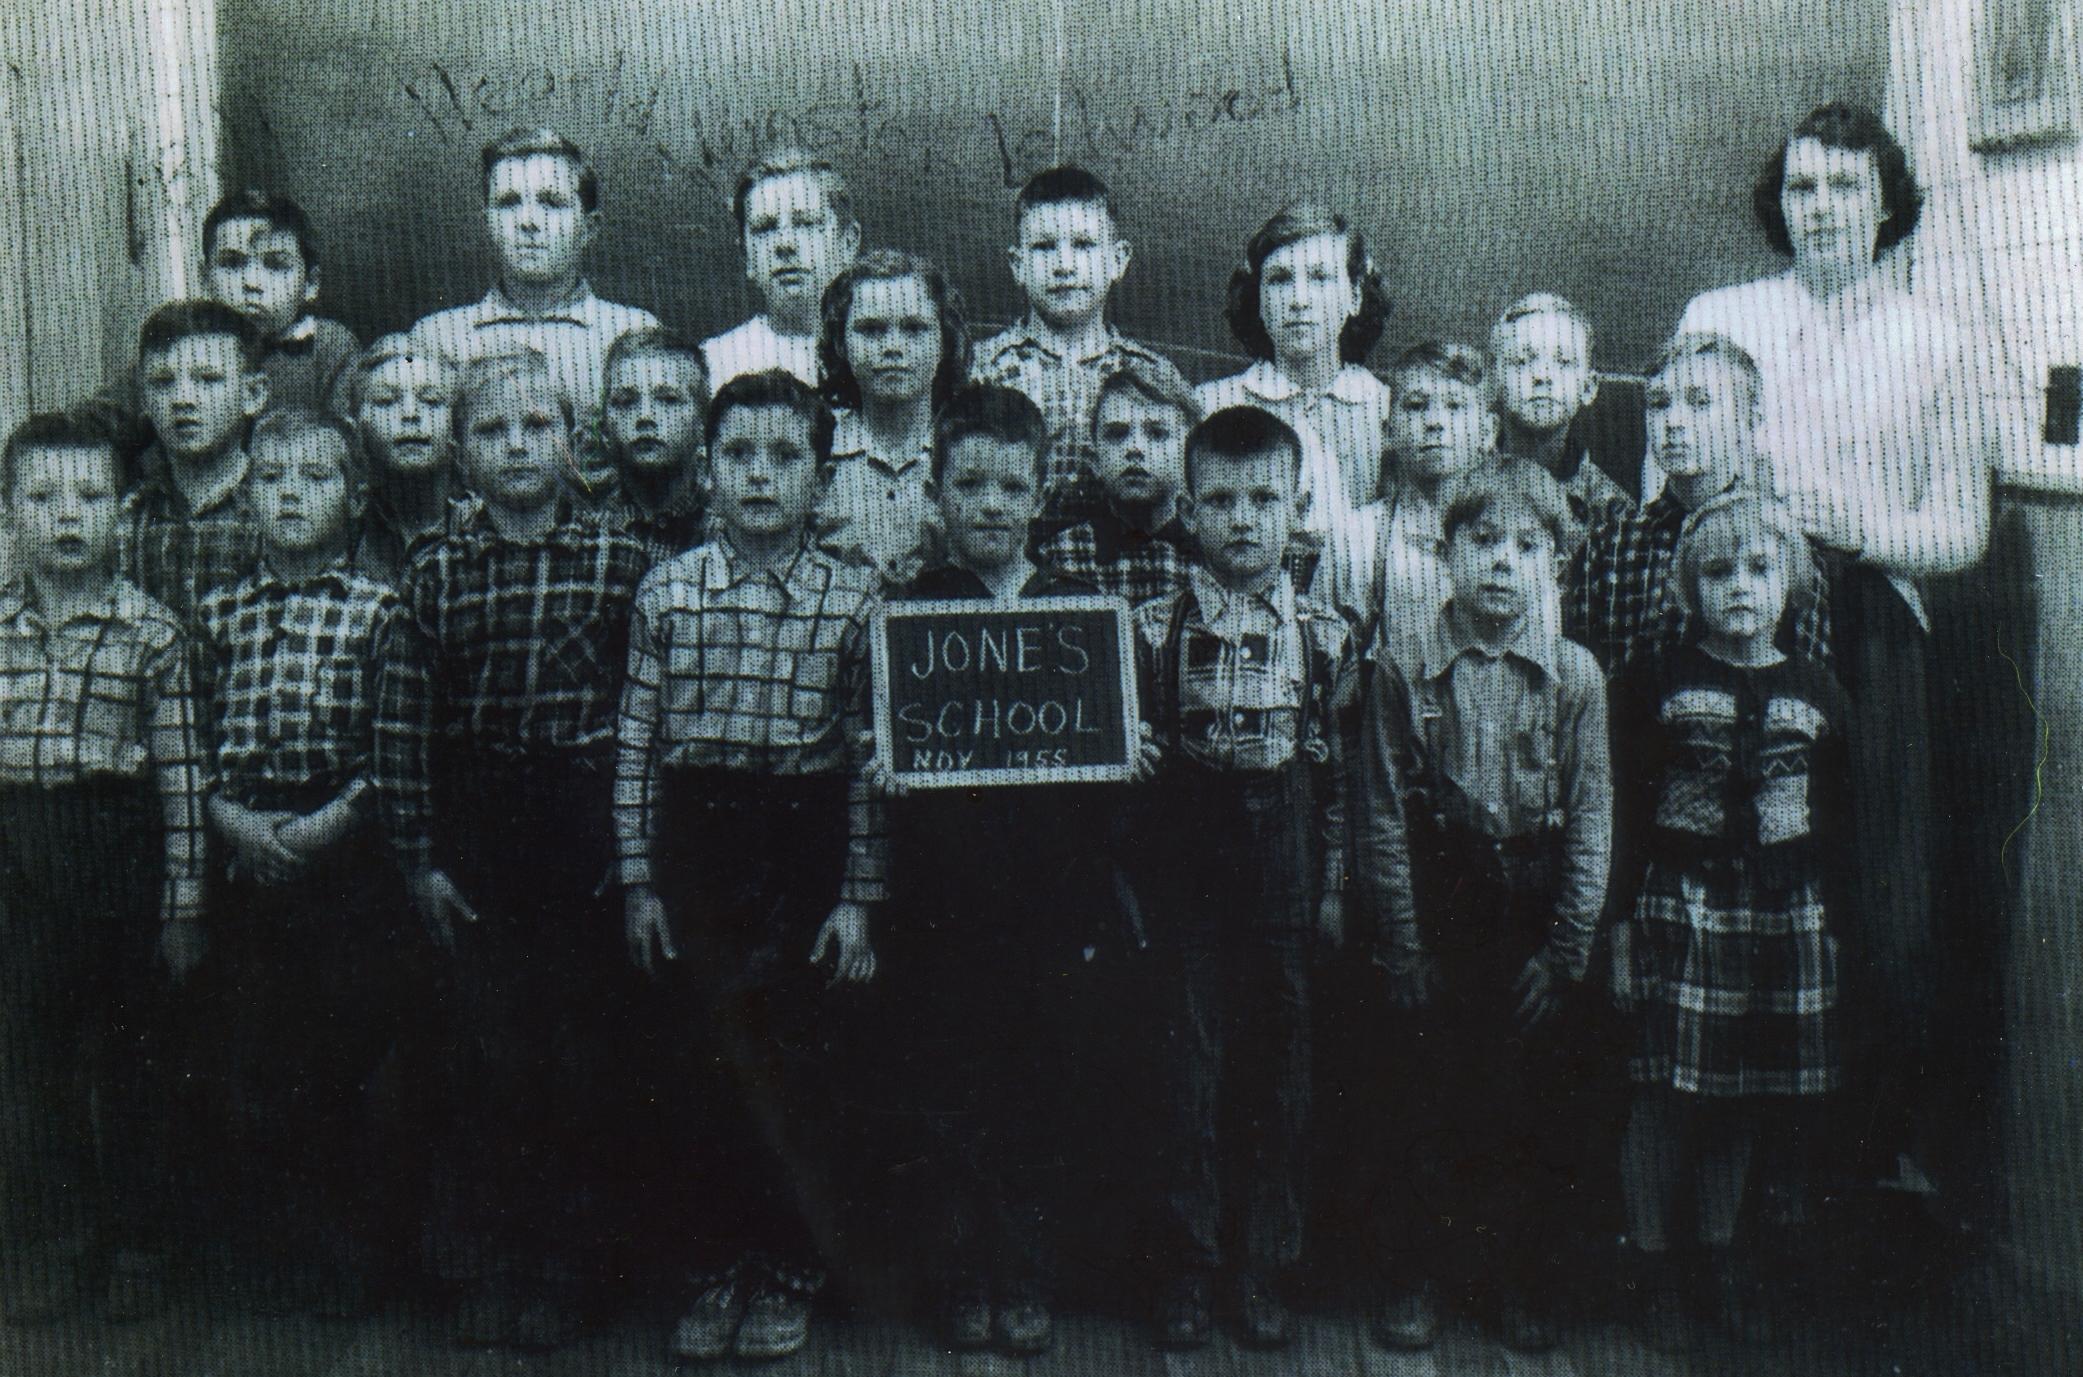 Jones School 1958